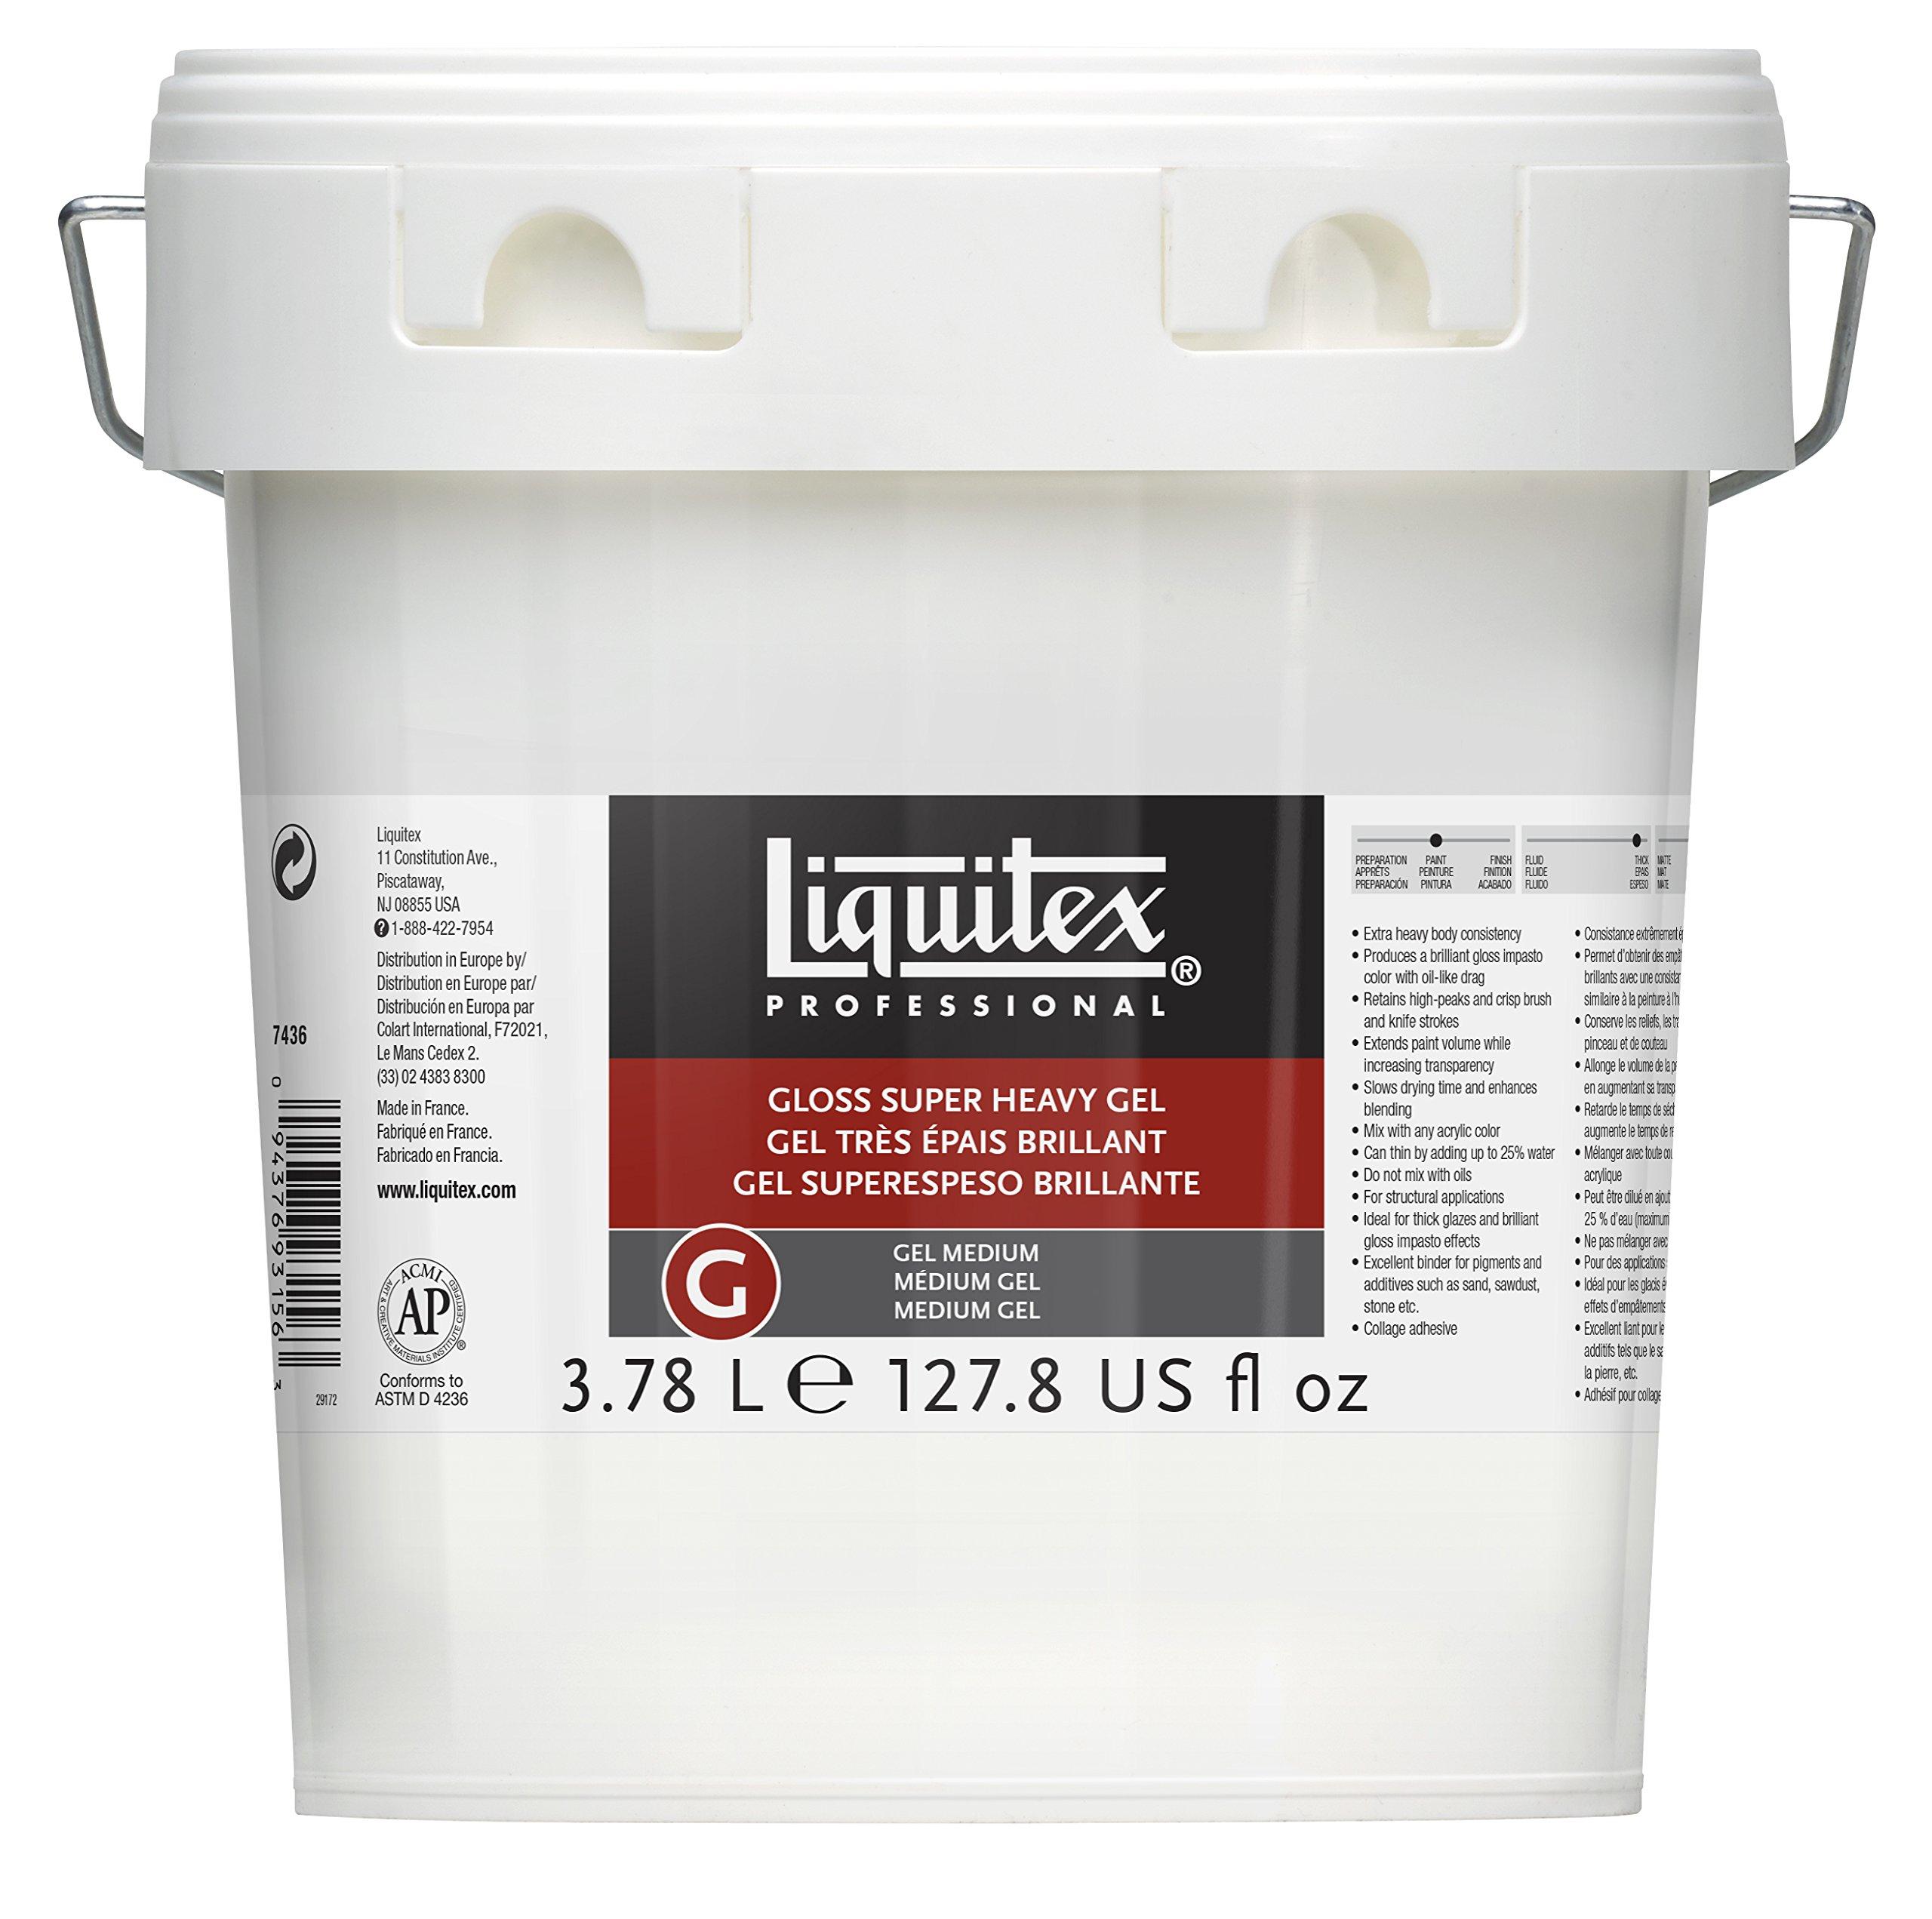 Liquitex 7436 Professional Gloss Super Heavy Gel Medium, 128-oz (Gallon)